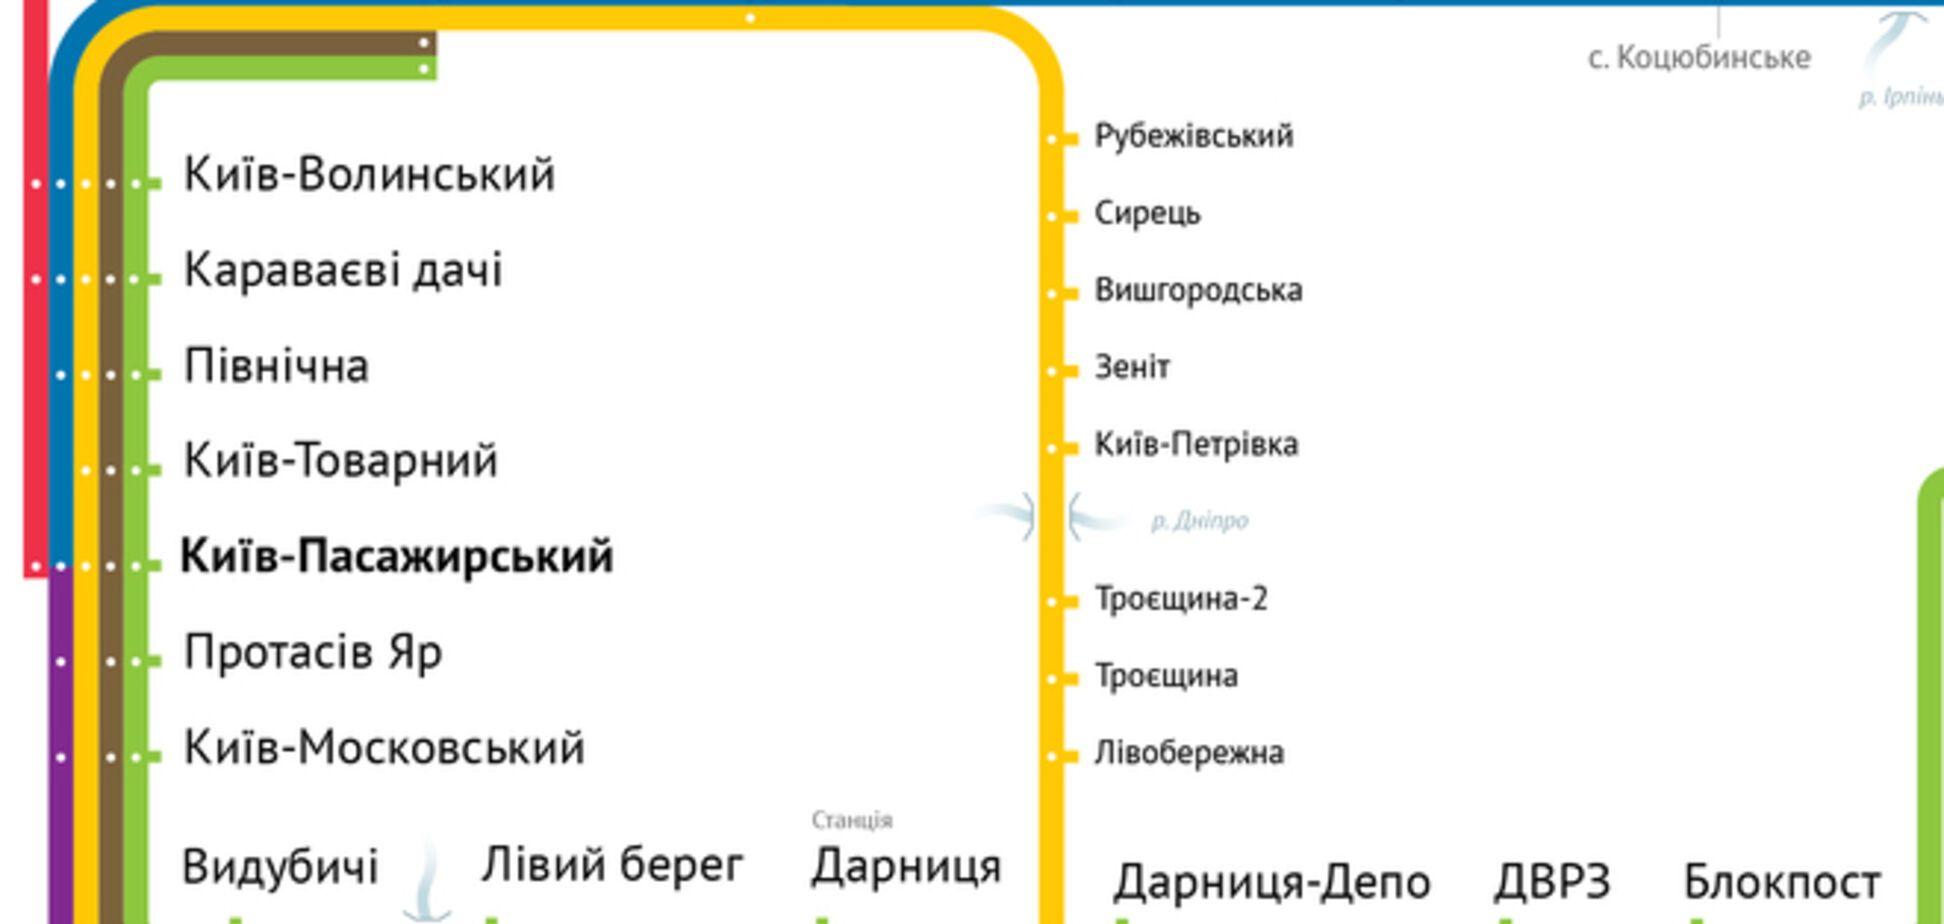 Опублікована нова схема київської міської електрички